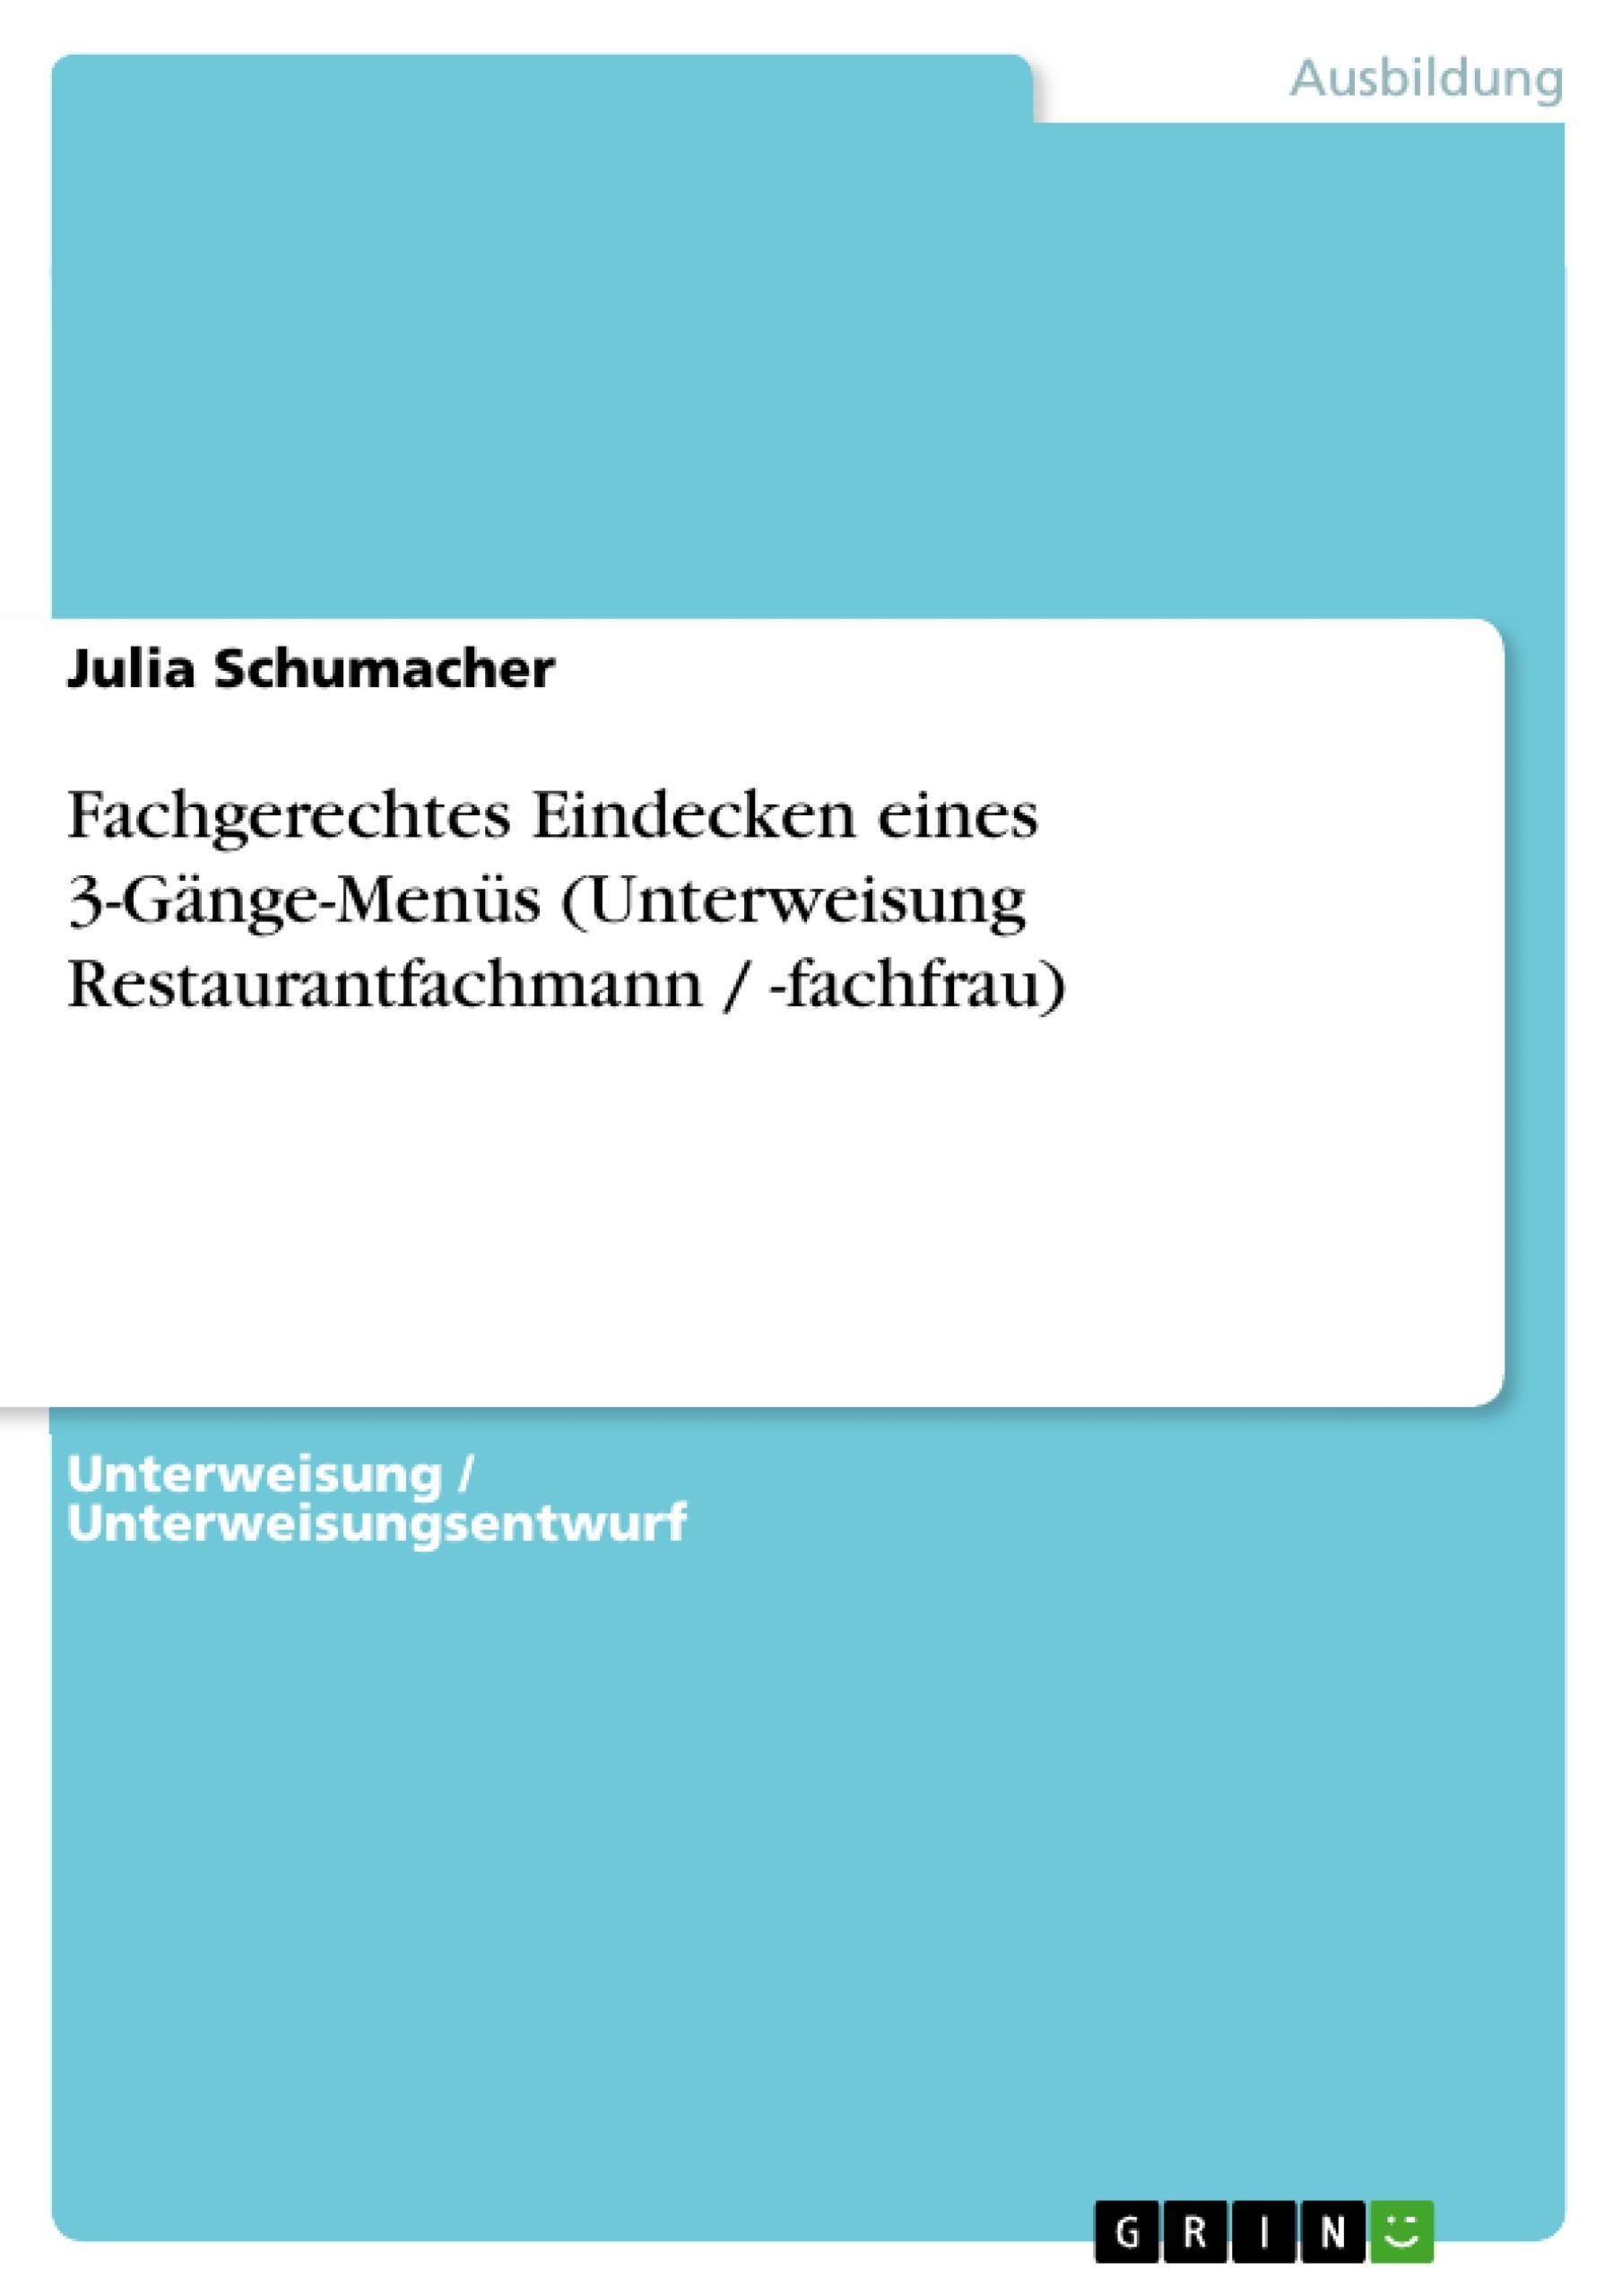 Fachgerechtes Eindecken eines 3-Gänge-Menüs (Unterweisung Restaurantfachmann / -fachfrau)  Julia Schumacher  Taschenbuch  Booklet  Deutsch  2010 - Schumacher, Julia